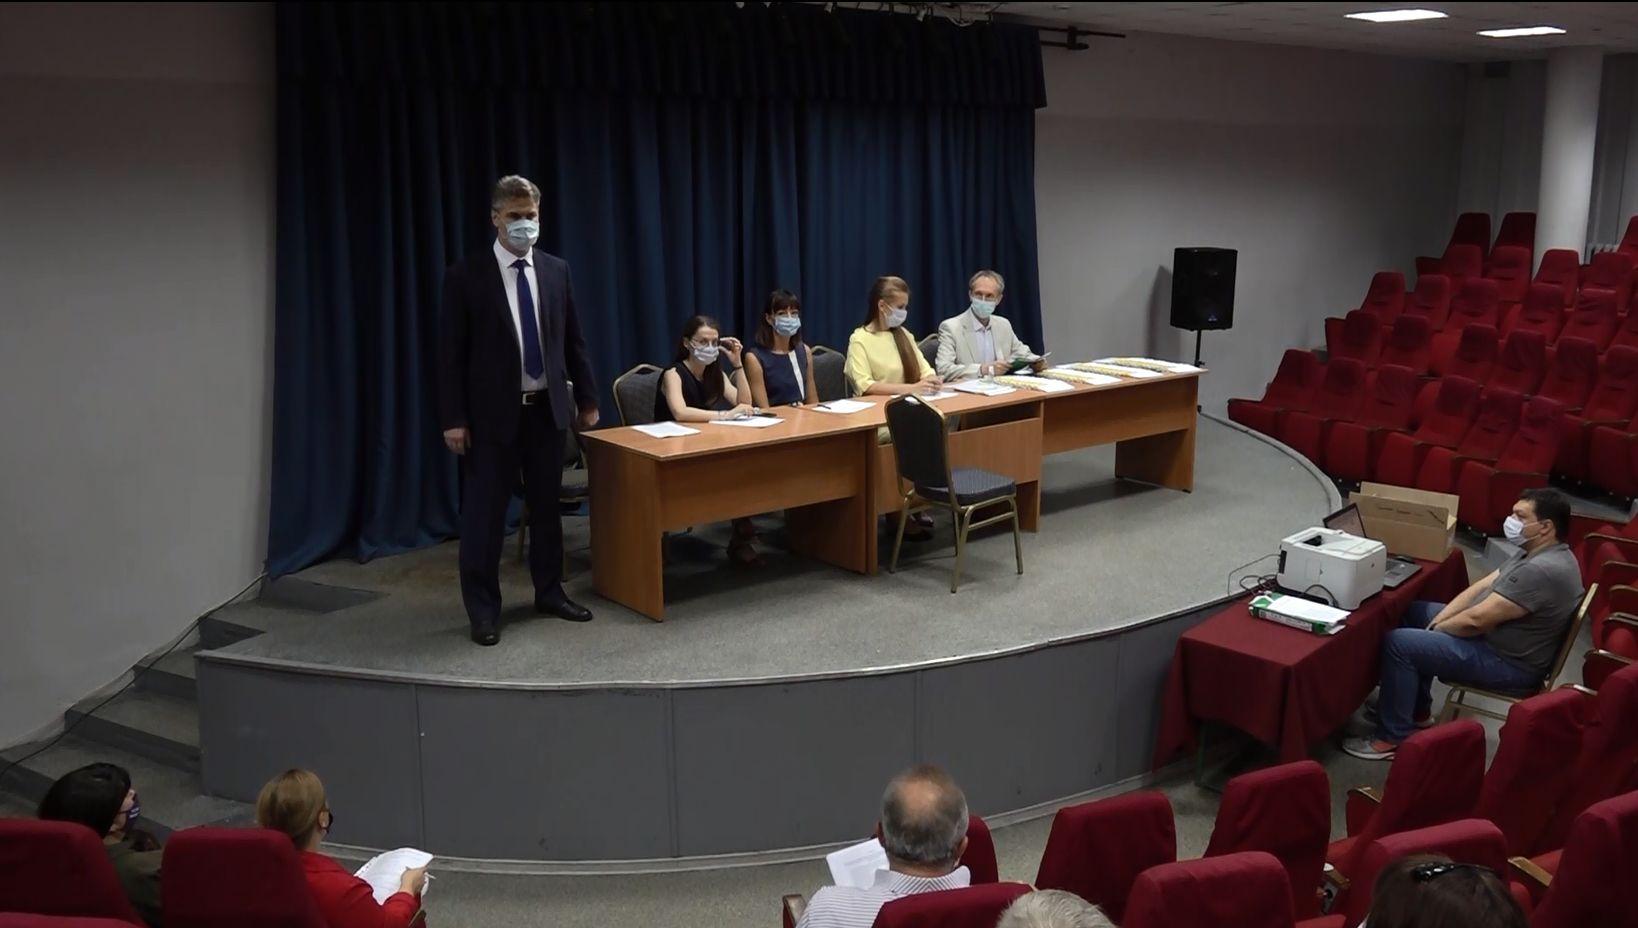 Сегодня в ДК Добрынина состоялась жеребьевка по распределению бесплатного эфирного времени и печатных площадей между политическими партиями и зарегистрированными кандидатами, которые участвуют в выборах депутатов Госдумы